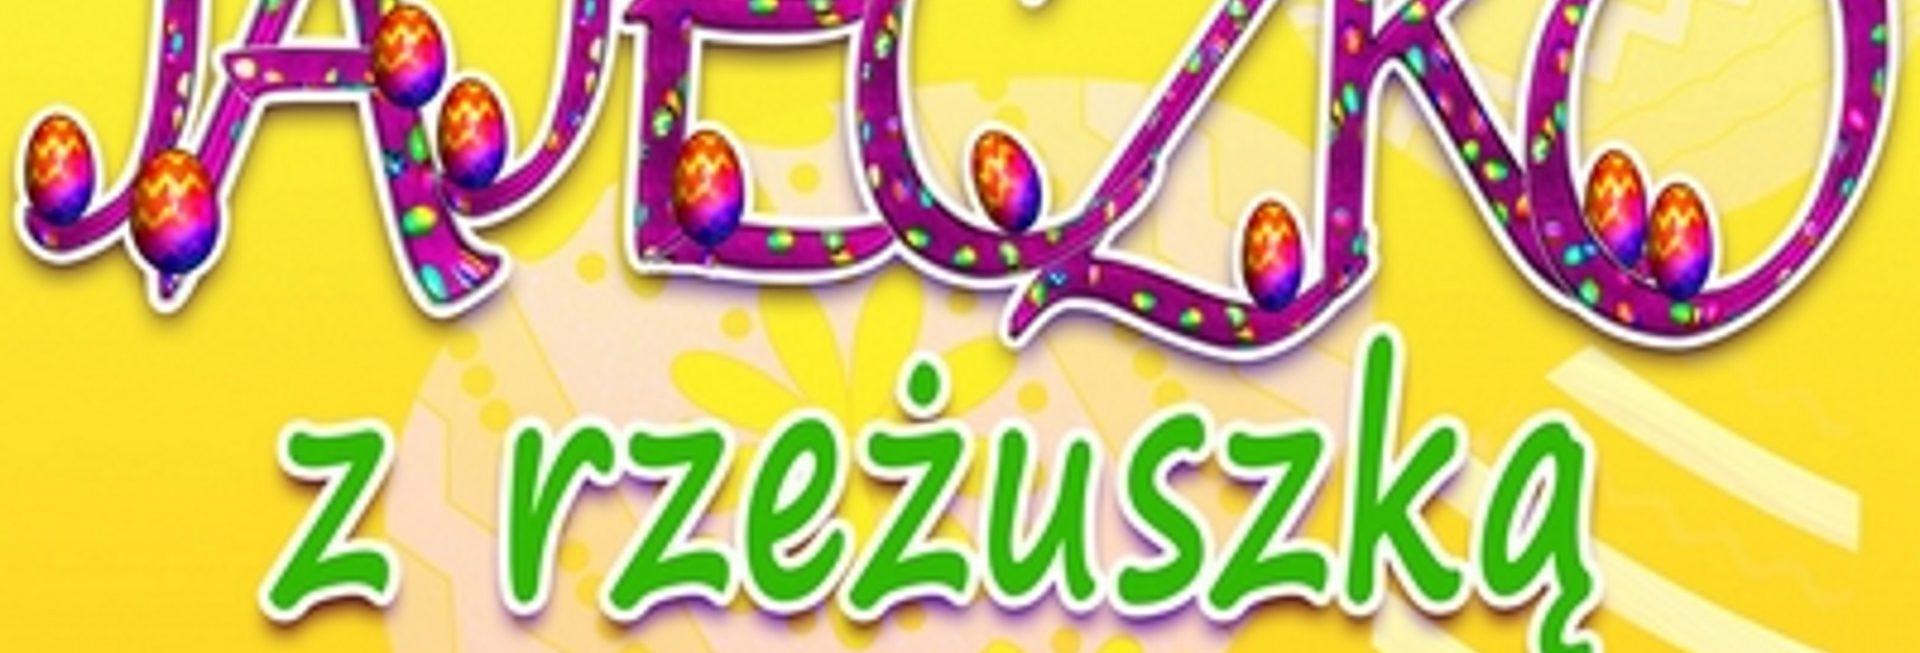 Plakat zapraszający do Gołdapi na cykliczna imprezę Kiermasz Wielkanocny - Jajeczko z Rzeżuszką - Gołdap 2021. Plakat o żółtym tle na którym wydrukowany jest napis Kiermasz Wielkanocny Jajeczko z rzeżuszką.